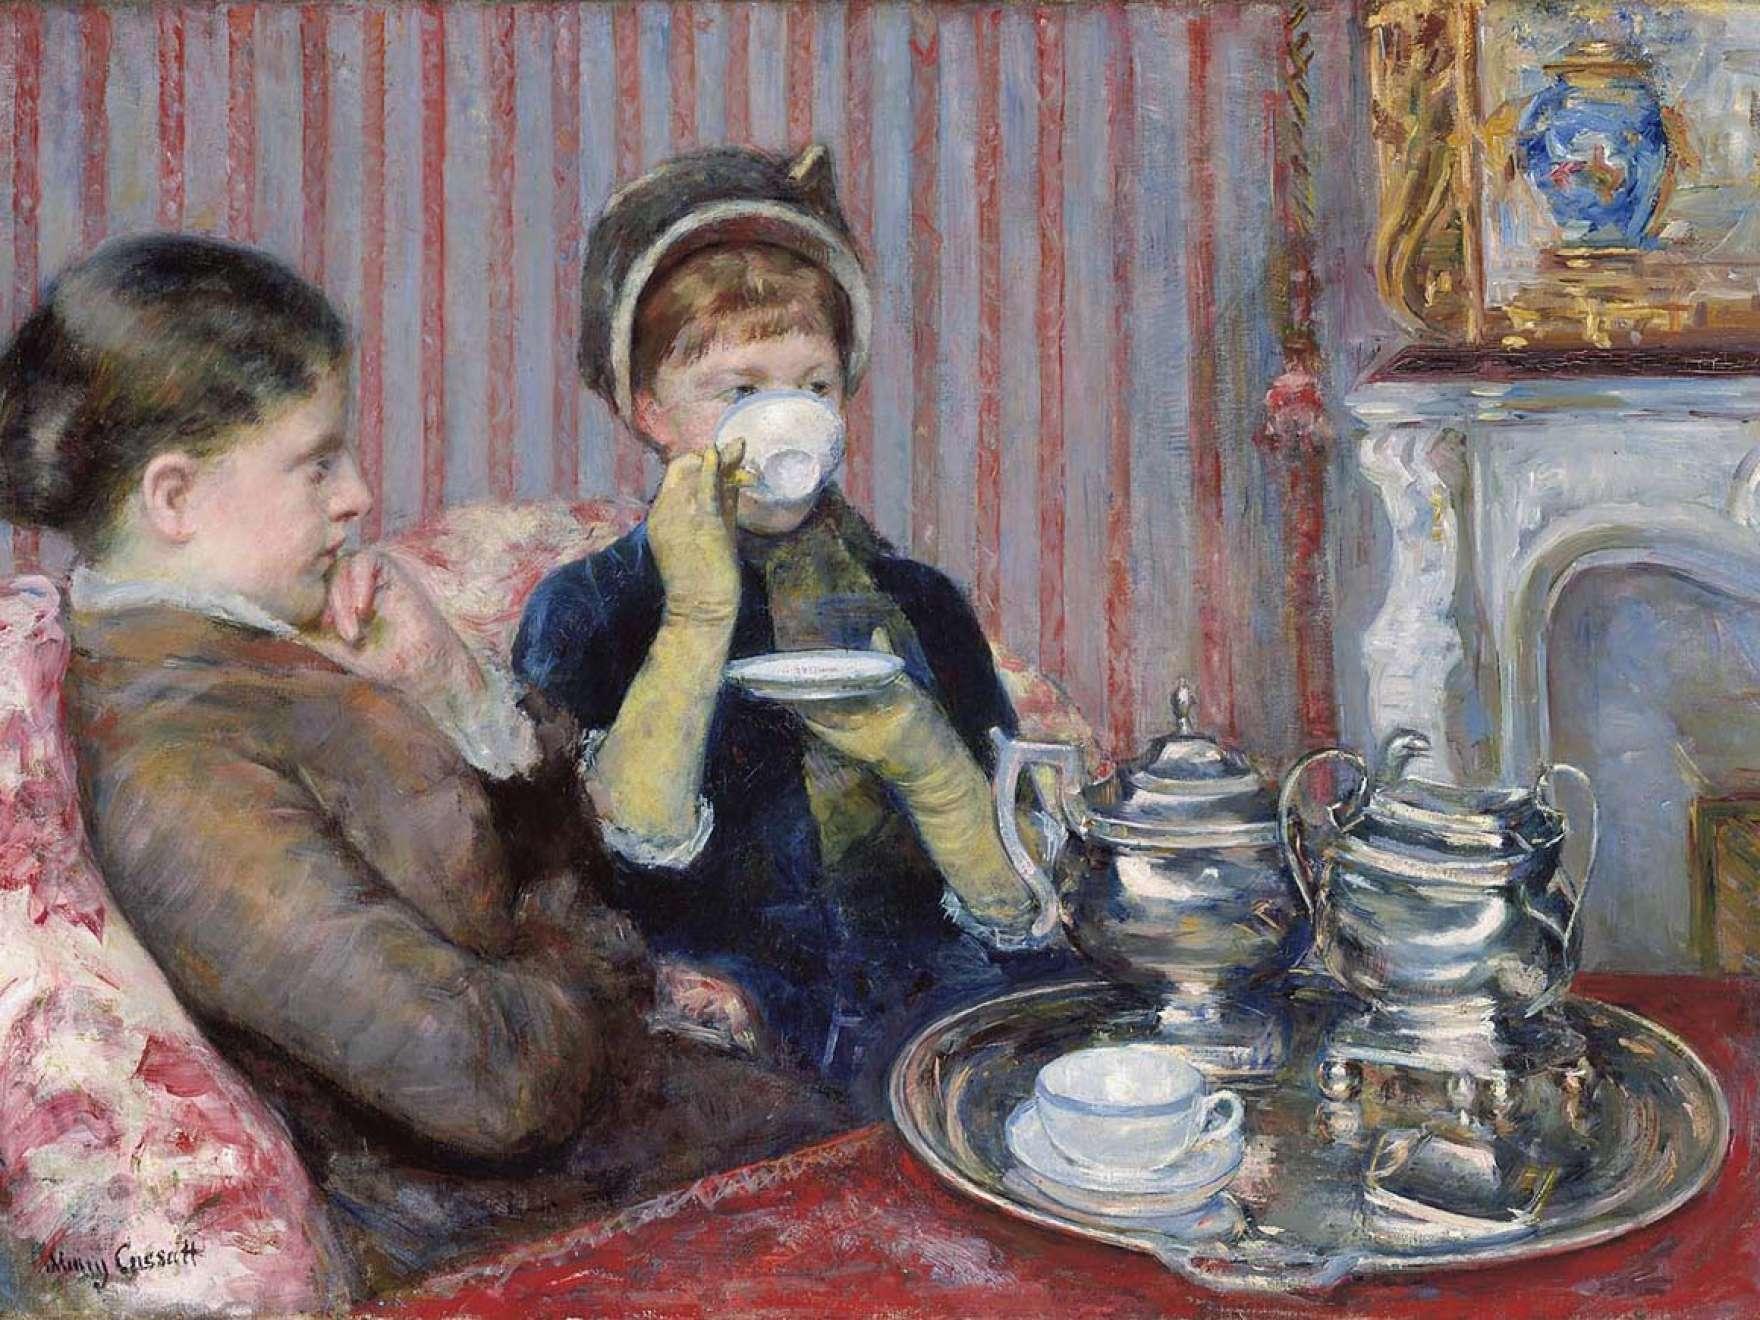 Mary Cassatt, The Tea, about 1880